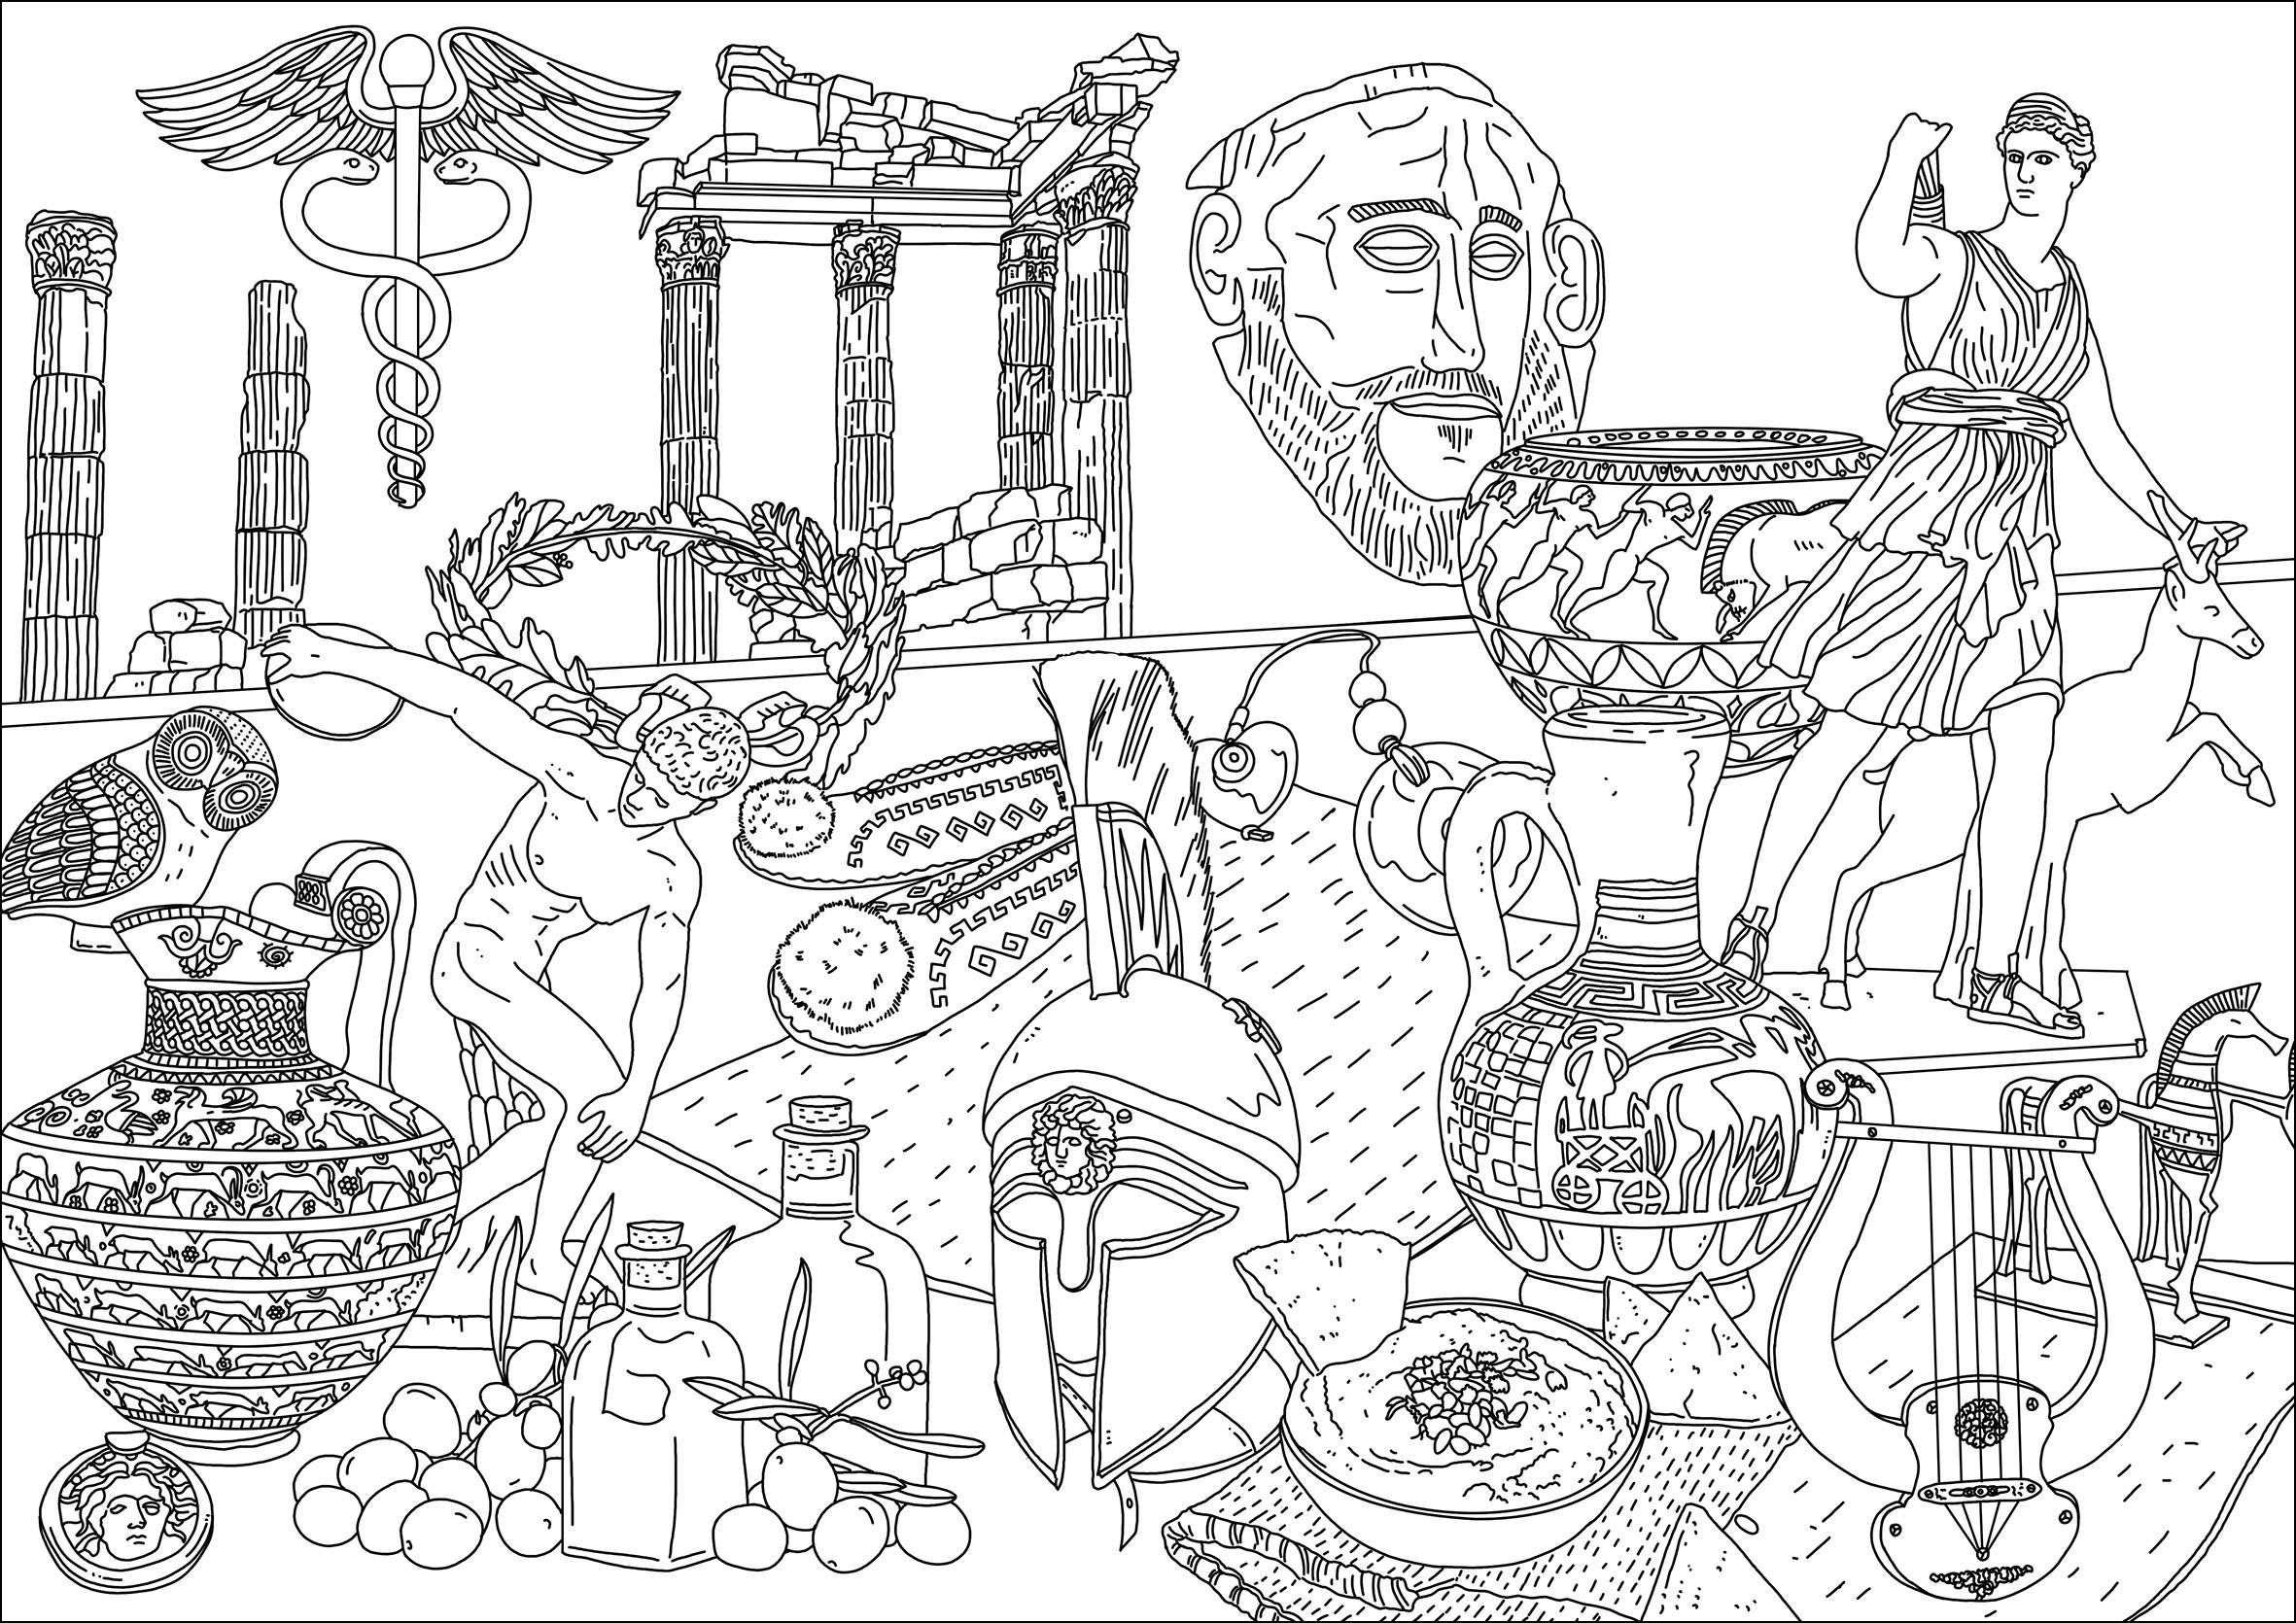 Disegni da Colorare per Adulti : Grecia Antica - 1